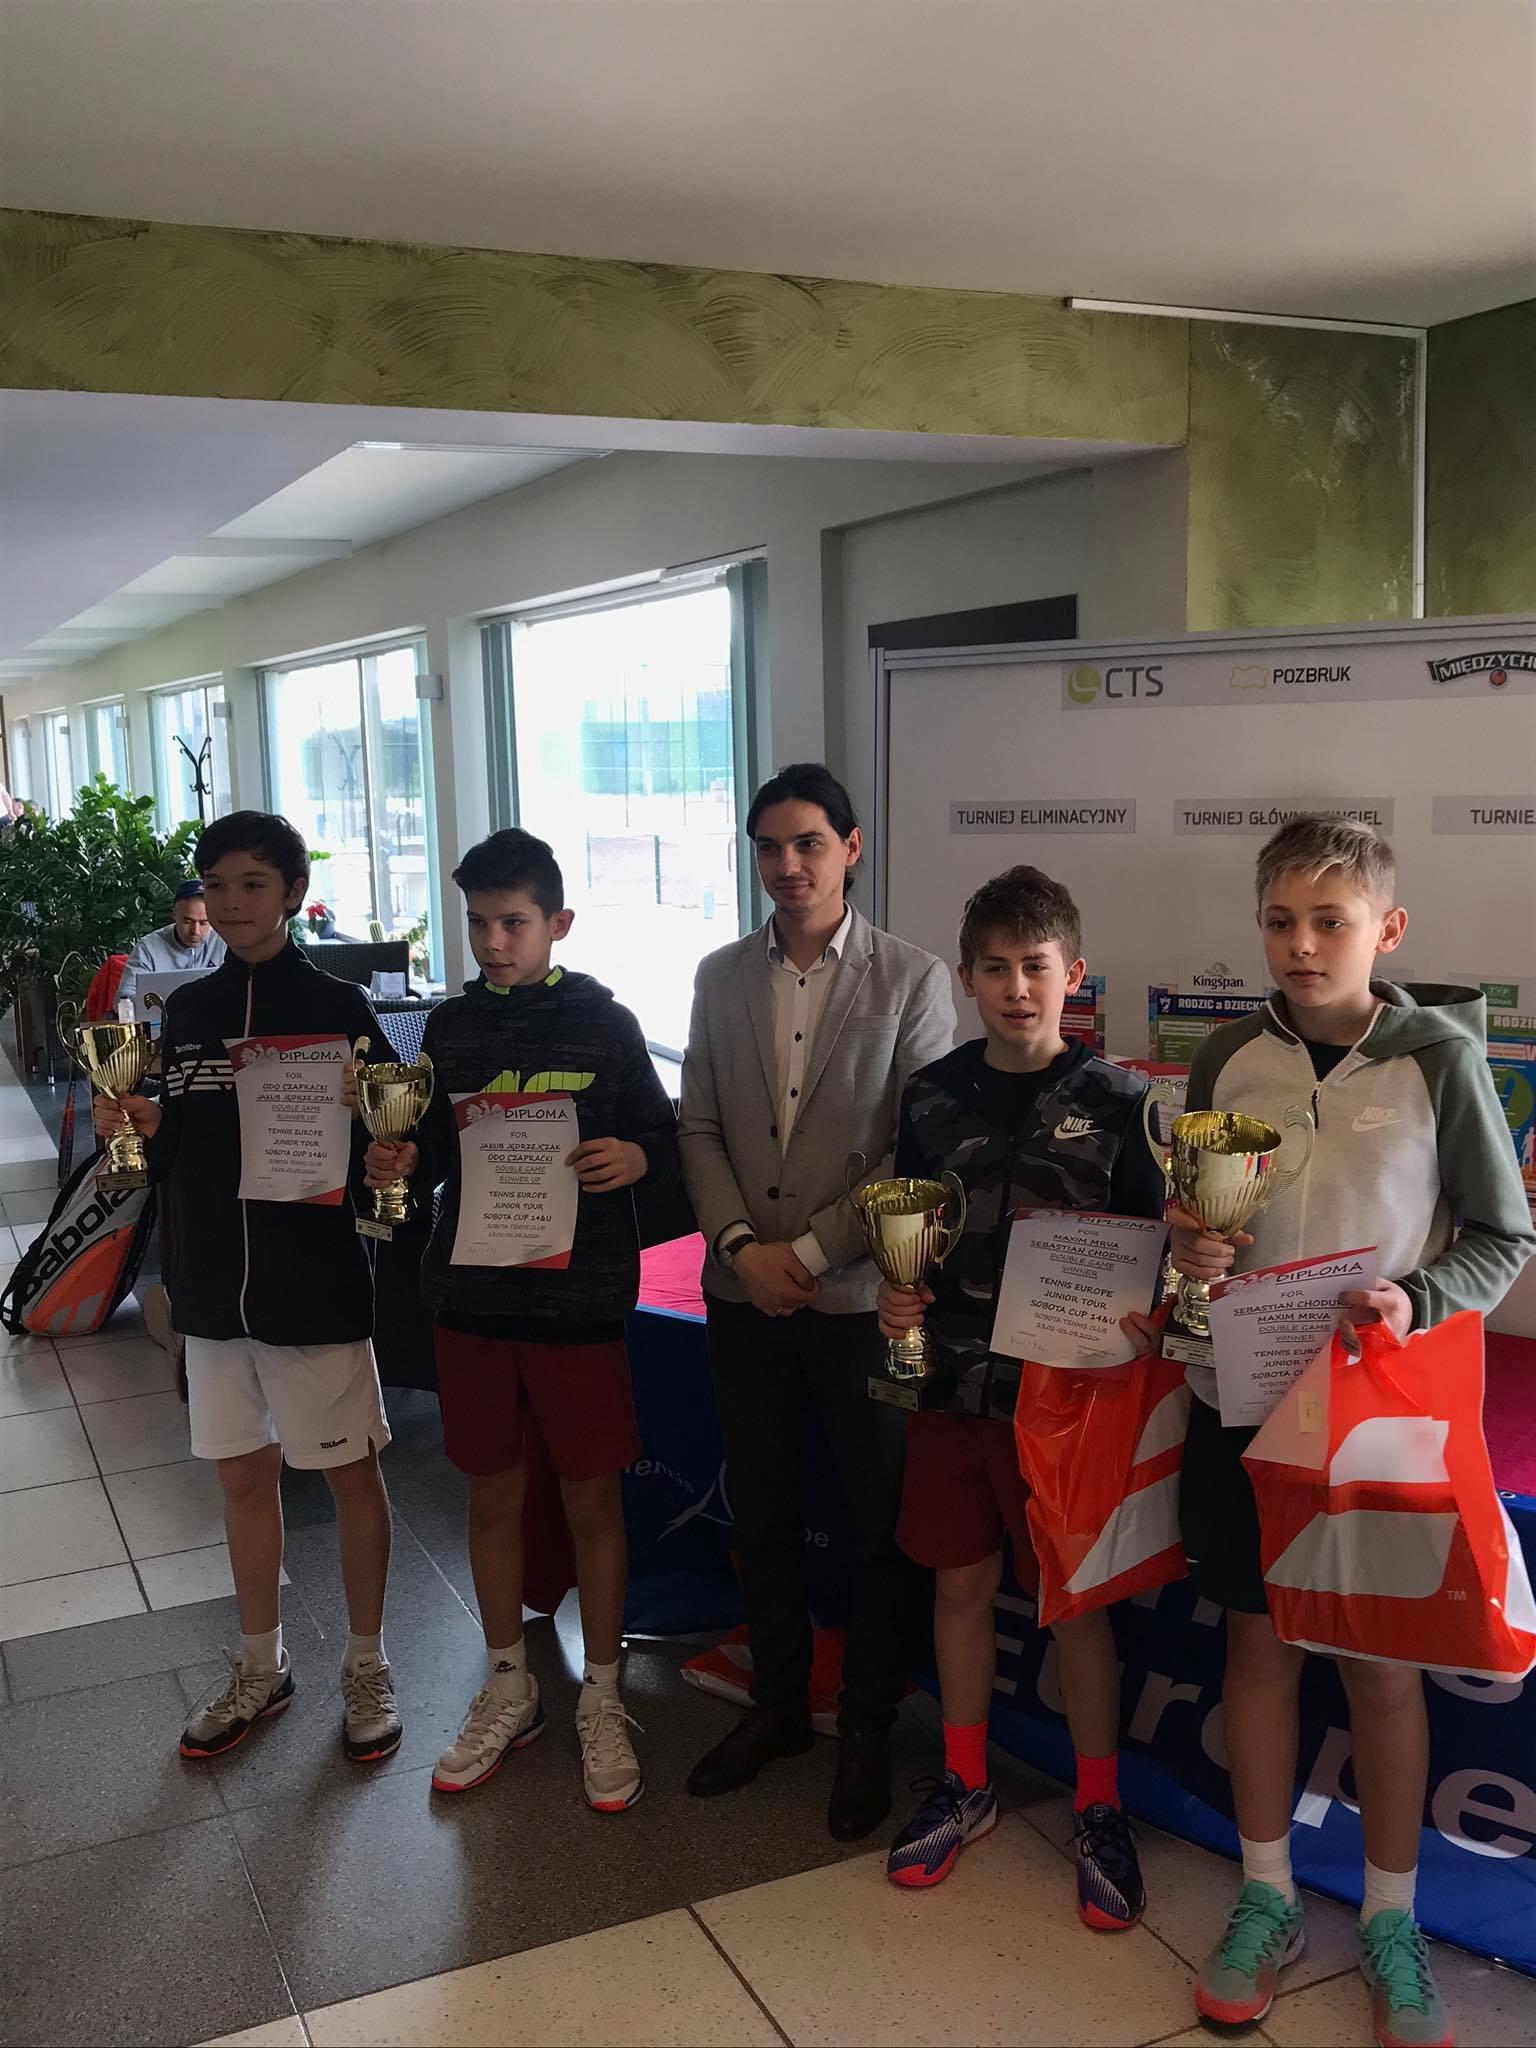 Na zdjęciu zwycięzcy Międzynarodowego Turnieju do lat 14 Sobota Cup Tennis Europe prezentujący zdobyte nagrody i dyplomy oraz menedżer turnieju - Wojciech Jaraczewski.